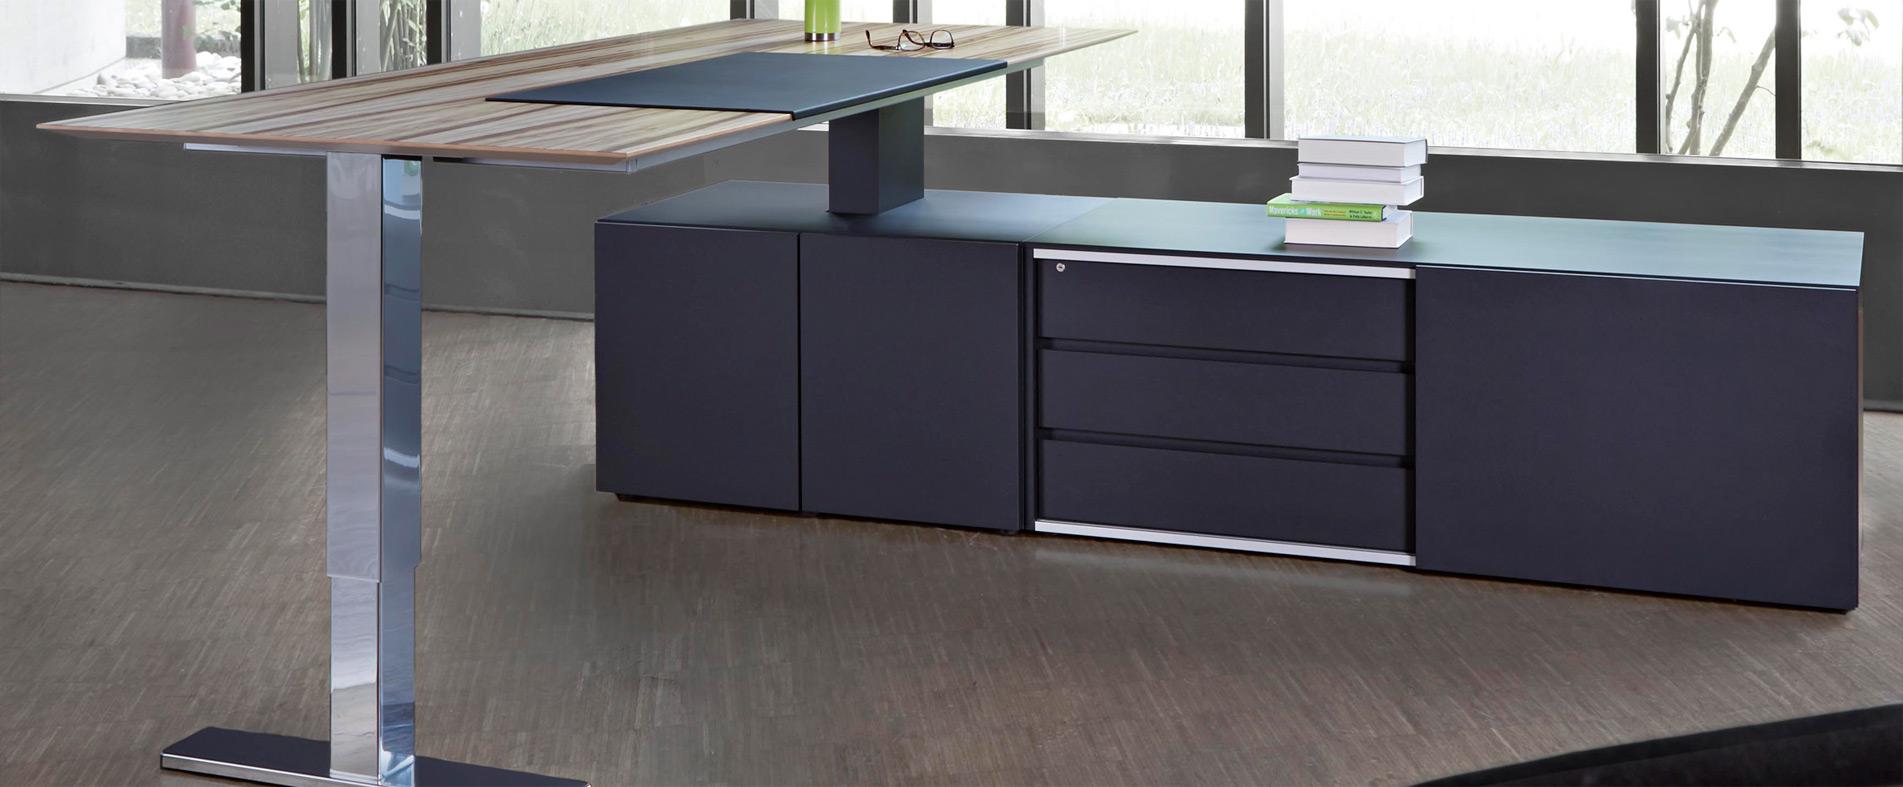 Schreibtisch elektrisch höhenverstellbar, auf Technikboard